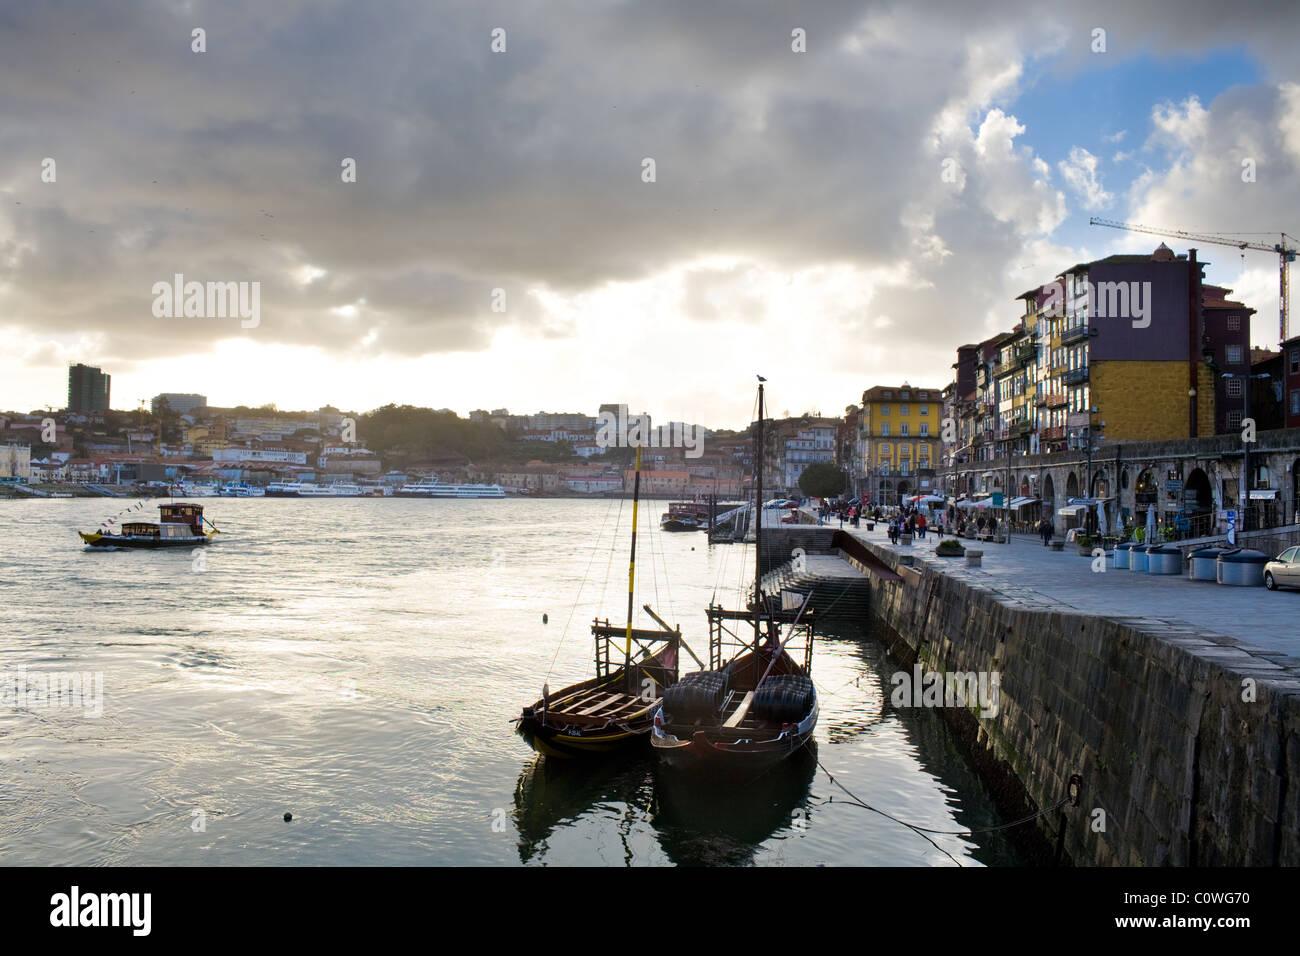 Cais de Ribeira, and Douro River, Oporto, Portugal - Stock Image